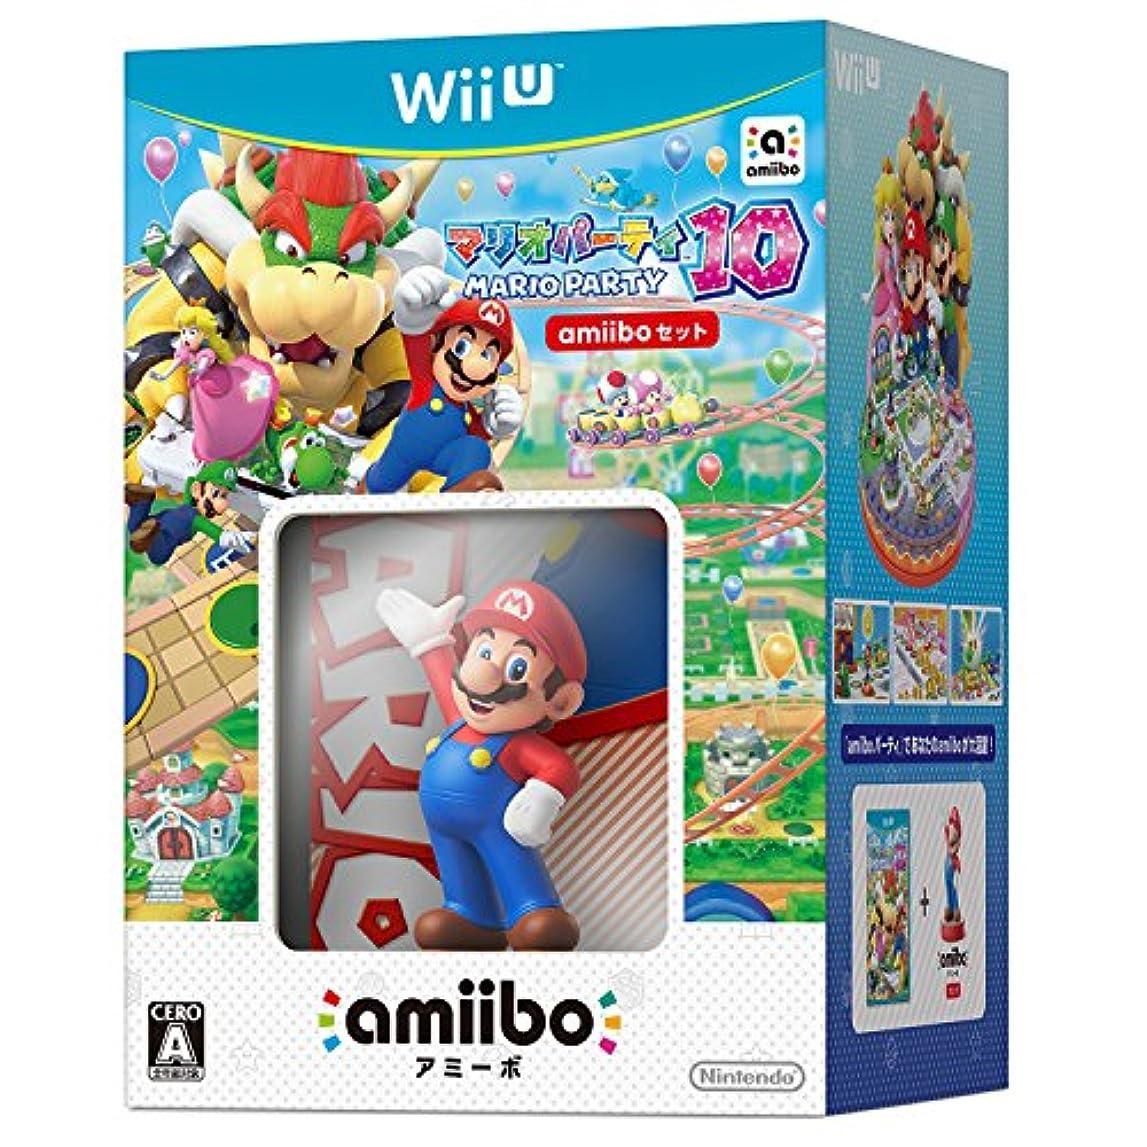 鋸歯状推測するばかマリオパーティ10 amiiboセット - Wii U